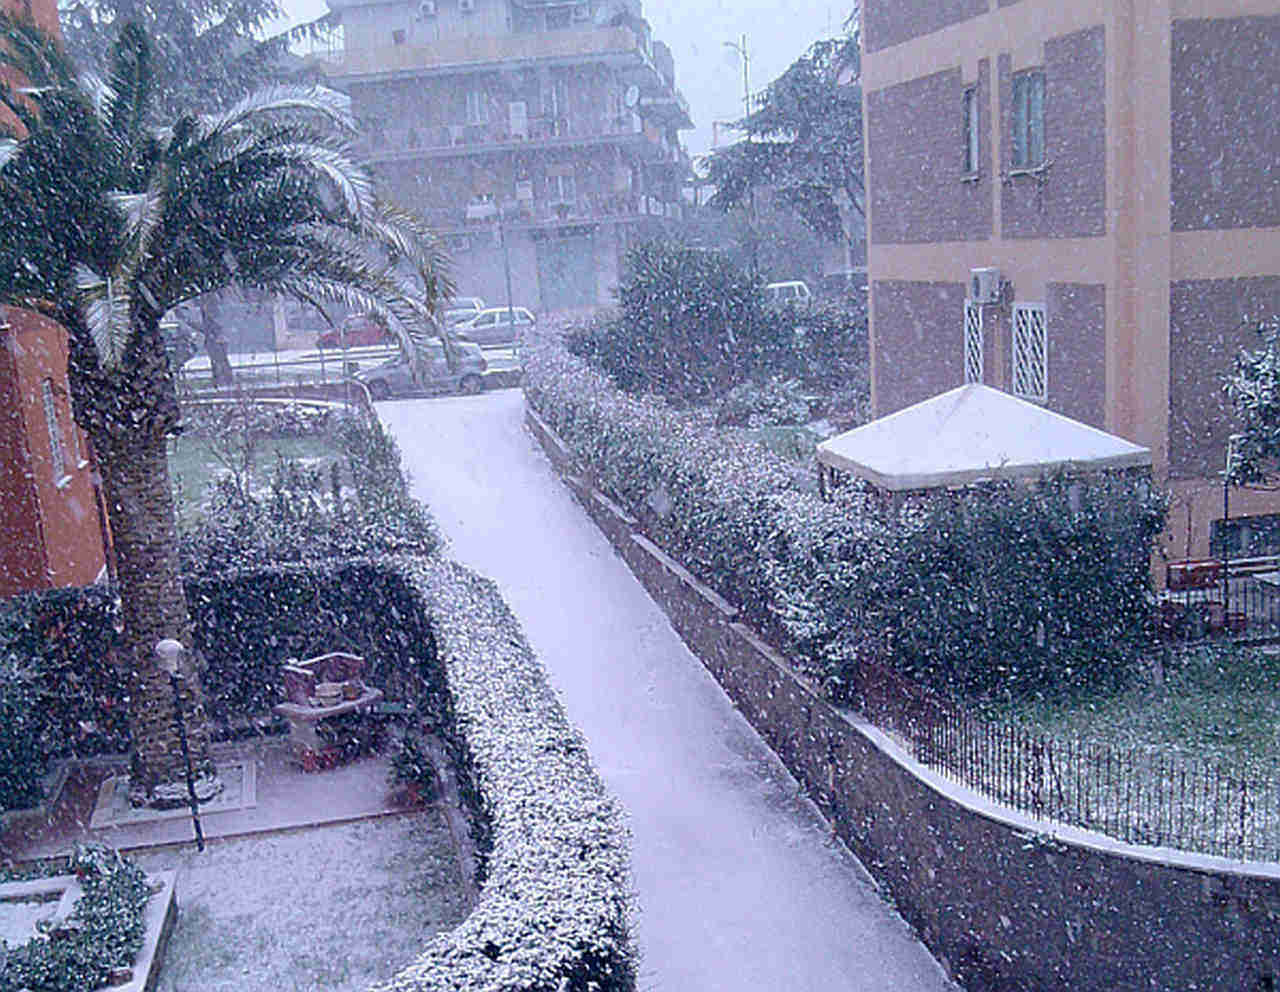 L'ultima nevicata dicembrina a Roma: era il 17 dicembre 2010, con lievi accumuli su alcuni quartieri più alti, come Monte Mario